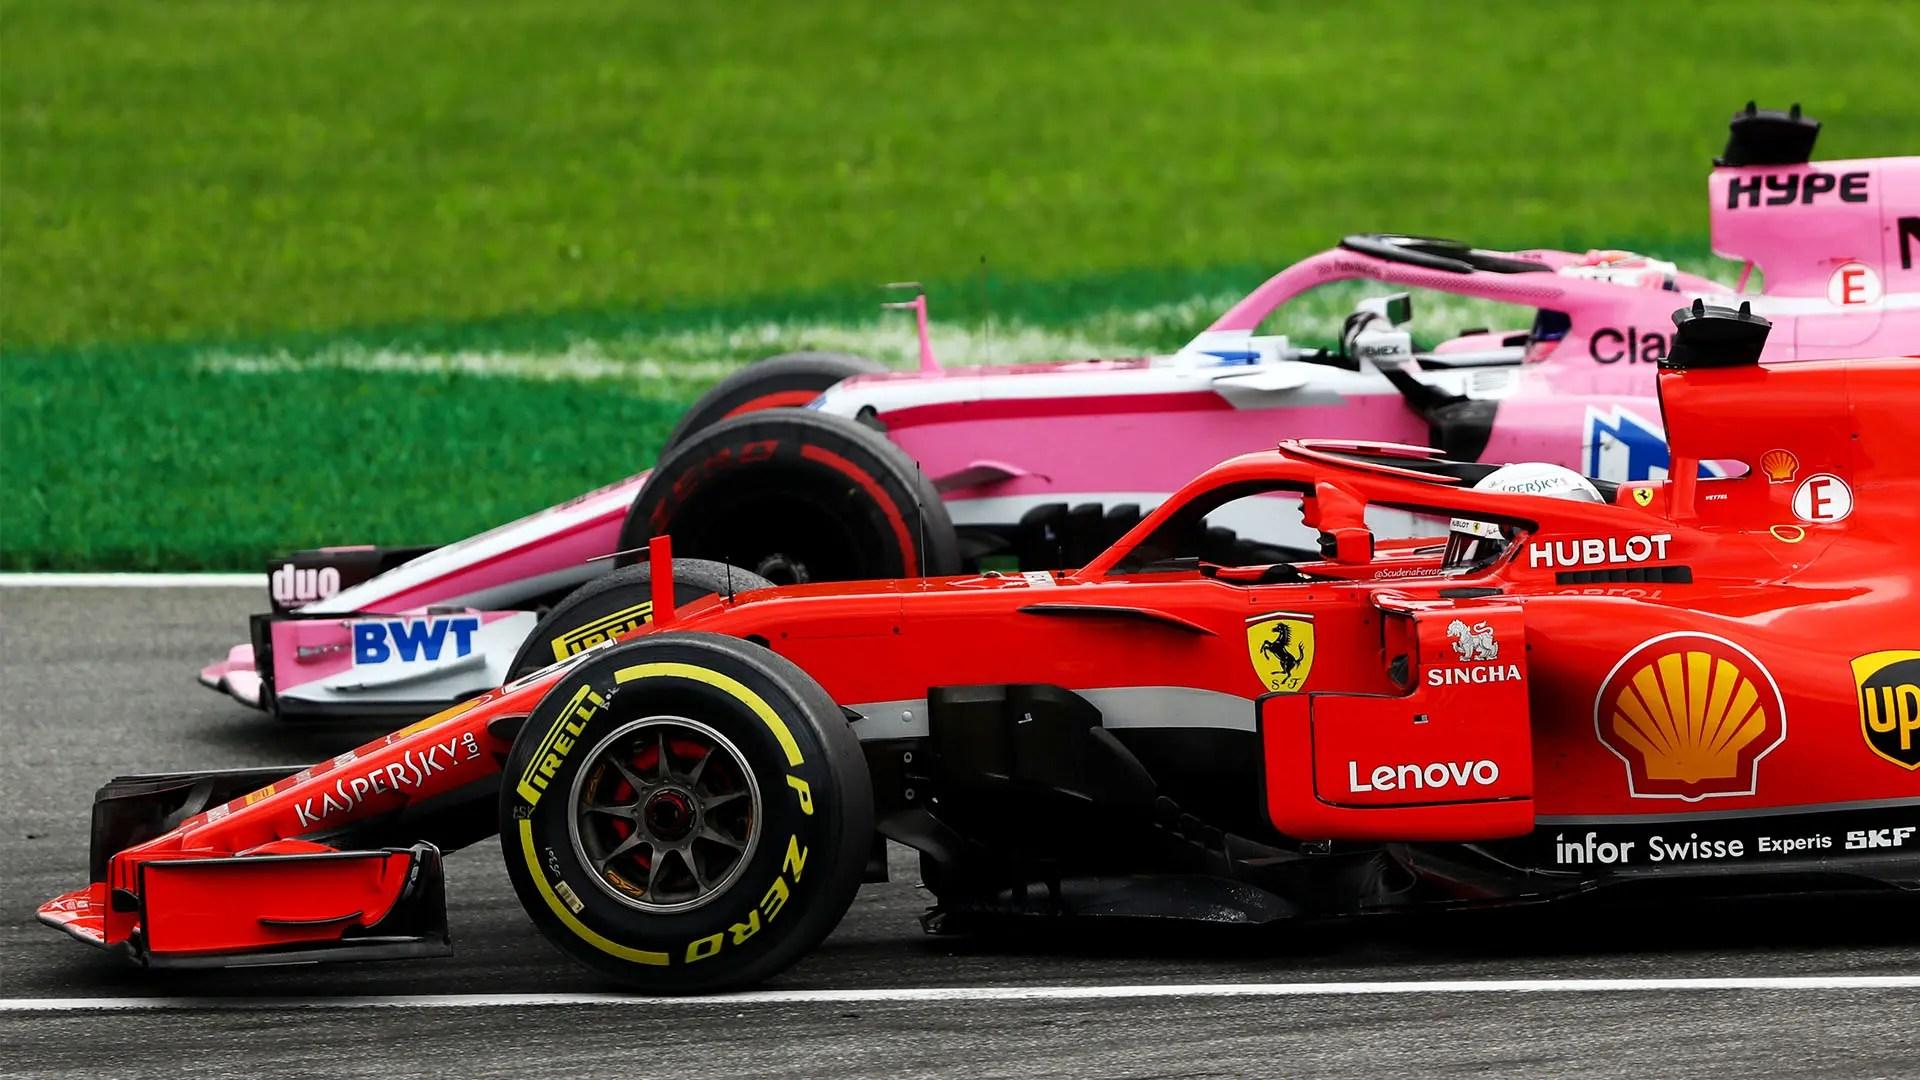 F1 : Sergio Pérez annonce son départ de l'écurie Racing Point